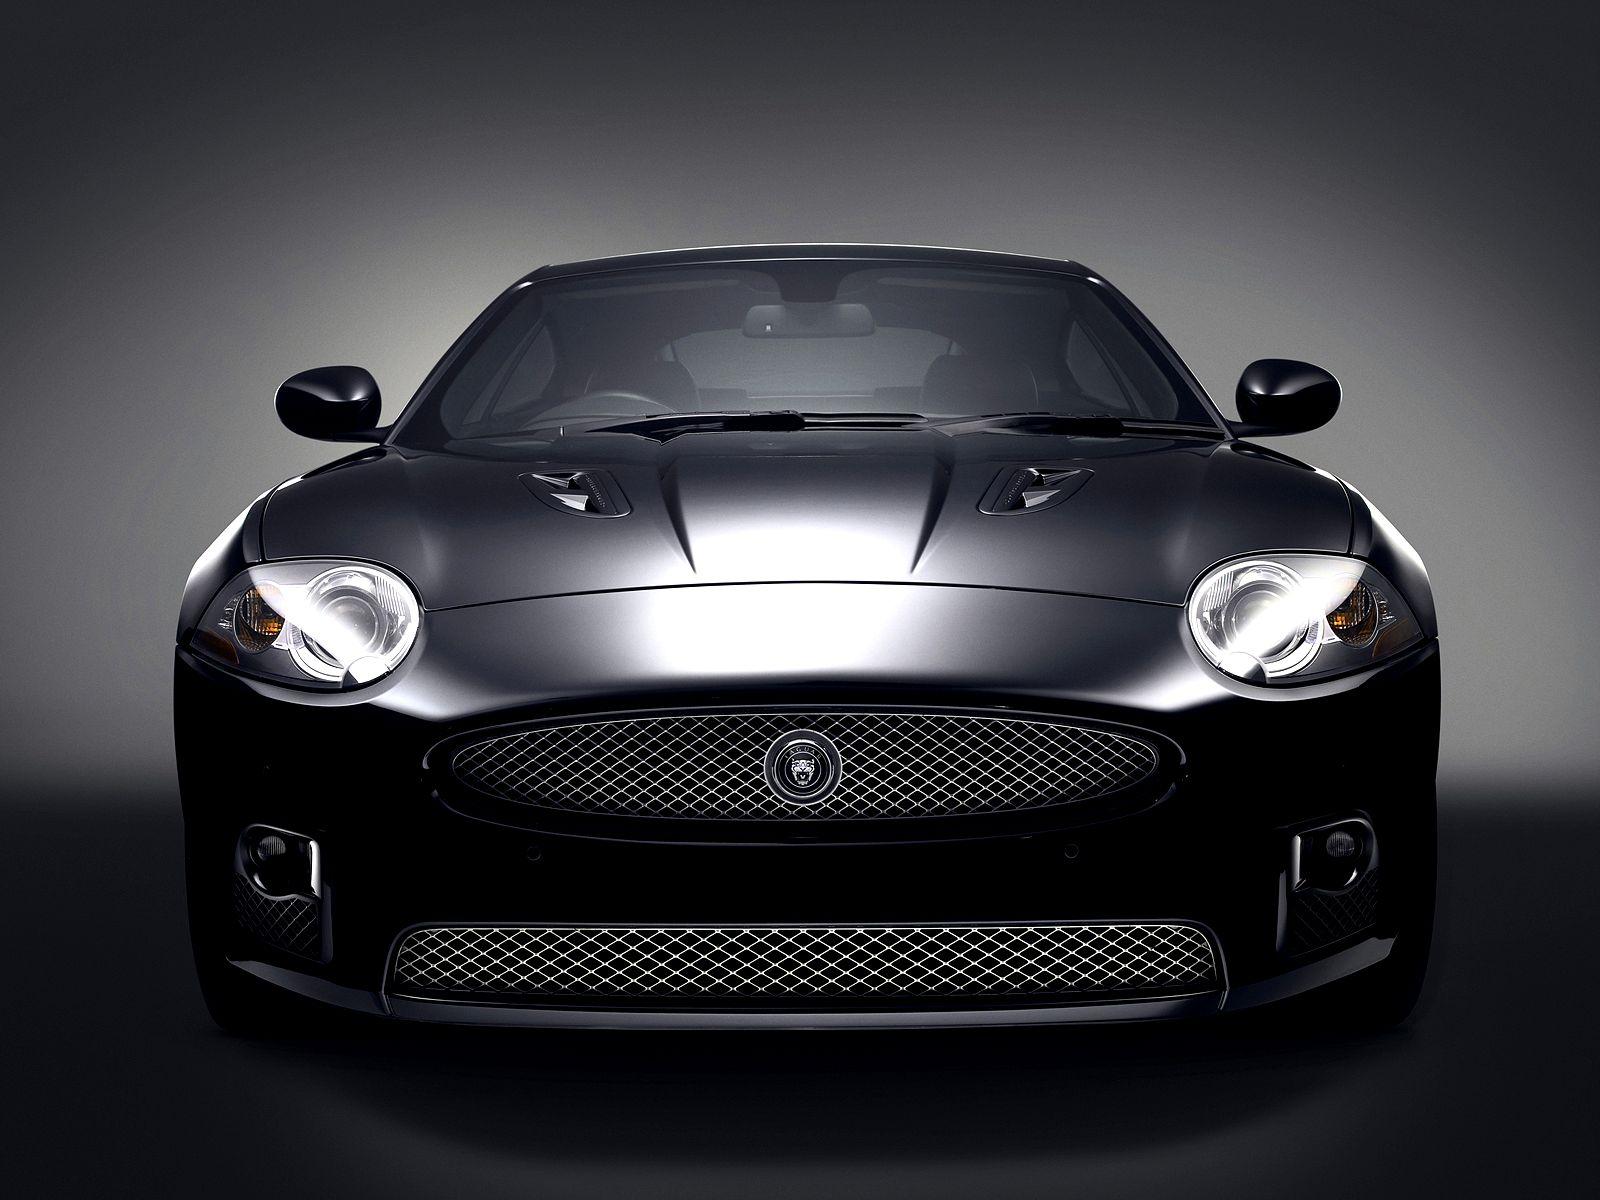 35 Jaguar Wallpaper Images For Desktop Download 1600x1200